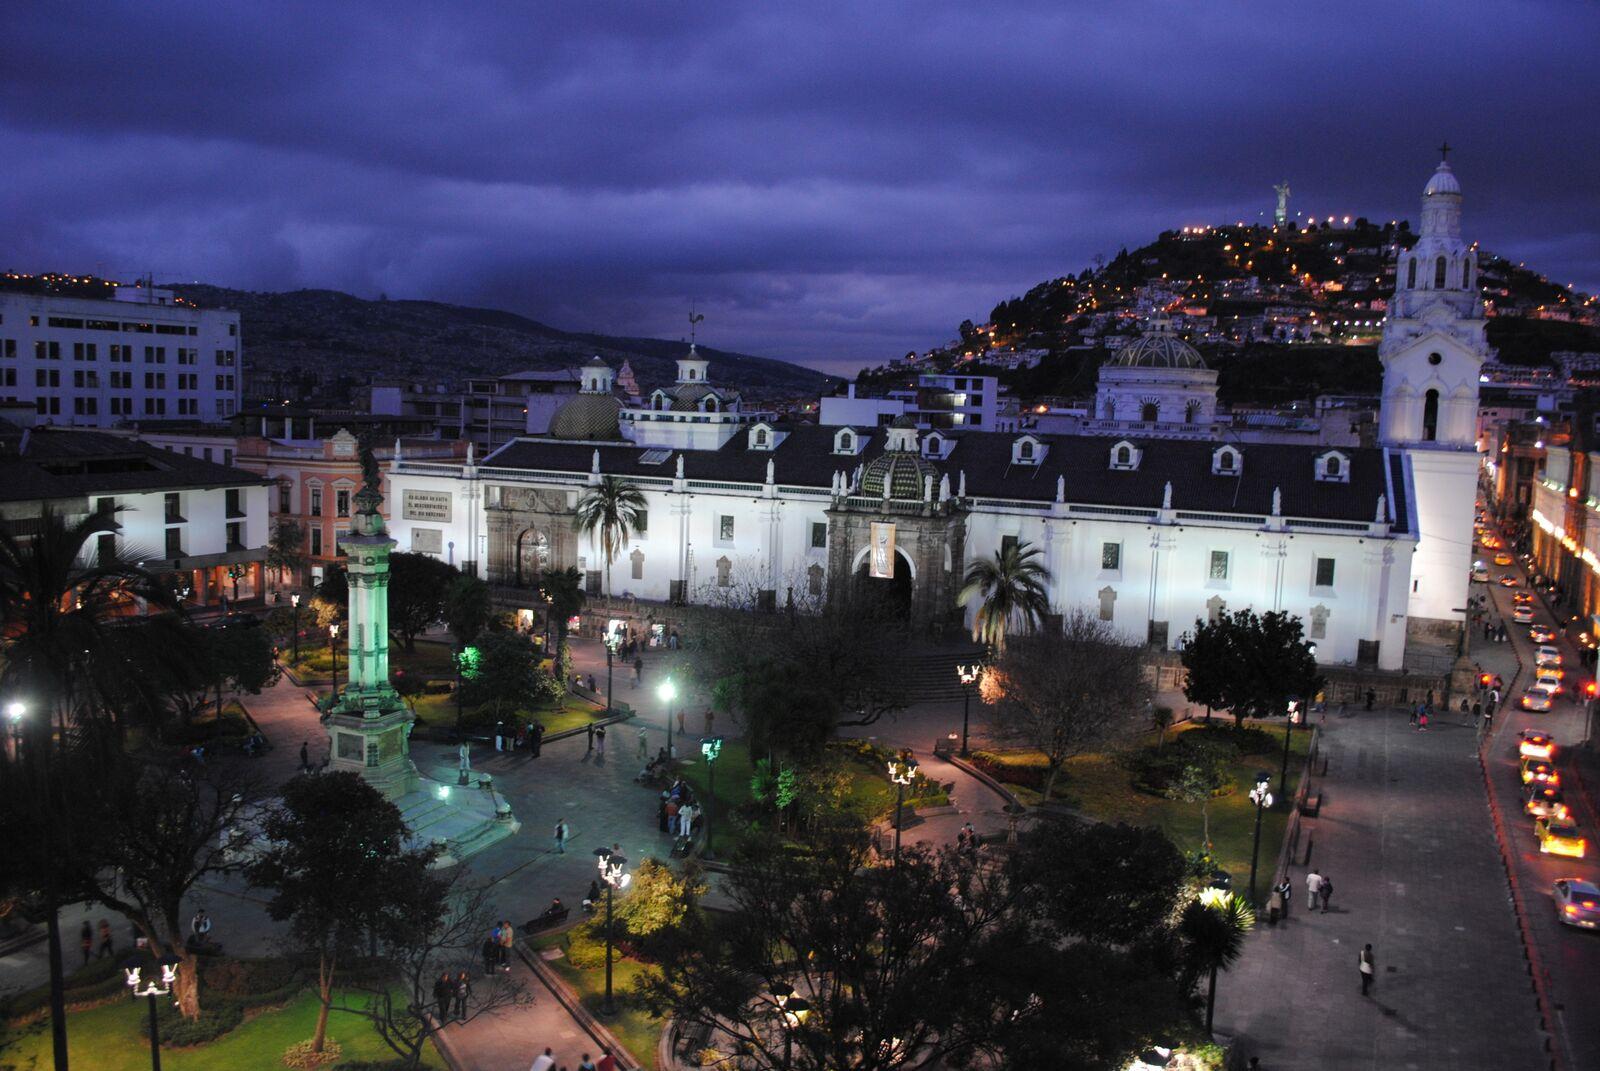 Reise in Galapagos und Ecuador in Südamerika. Die Stadt Quito bei Nacht, eine Kirche wird beleuchtet, in den Strassen fahren Autos.